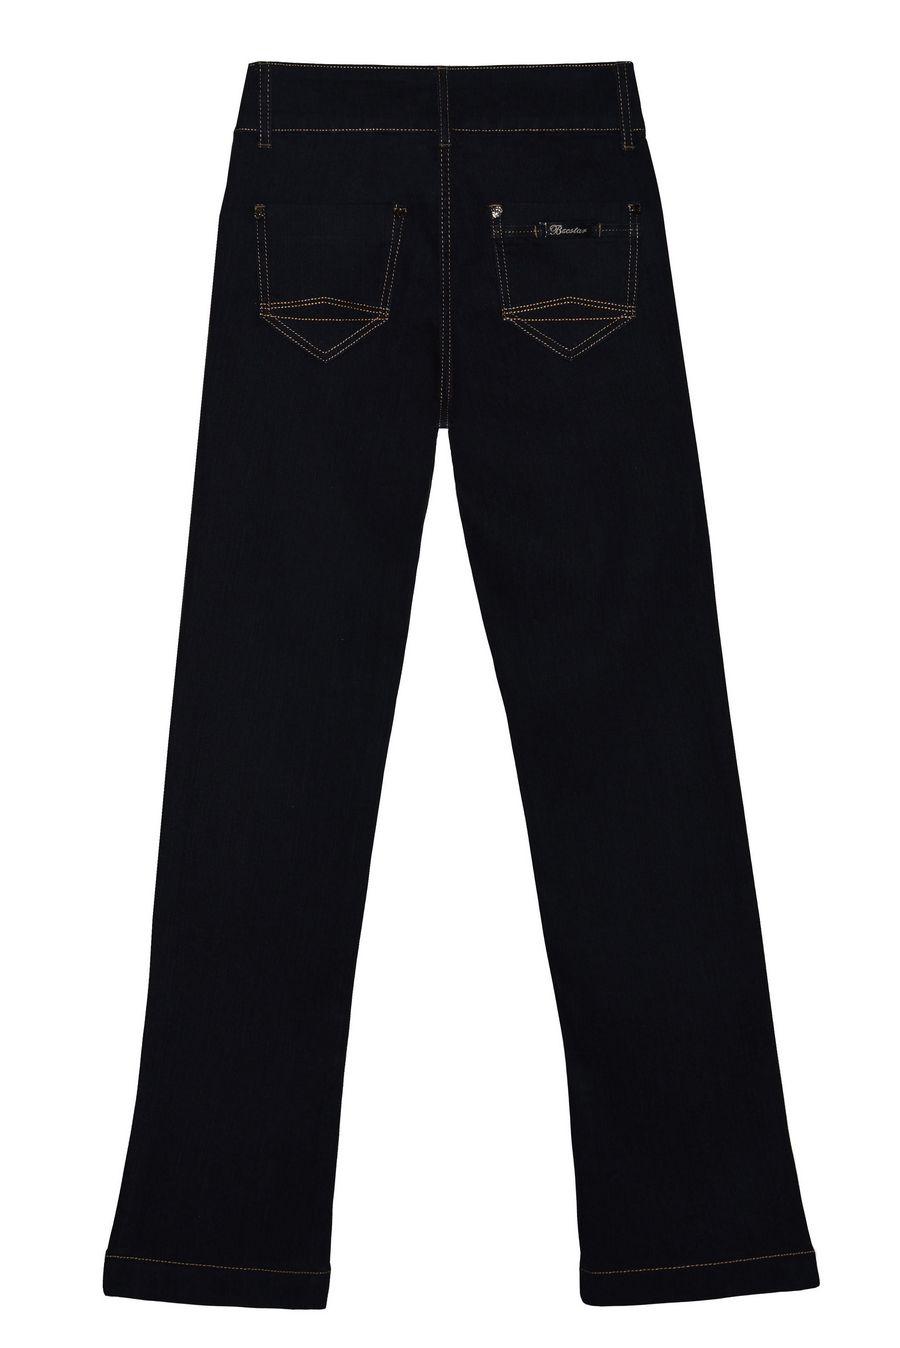 Джинсы женские Bicstar 2304-1/55 - фото 2